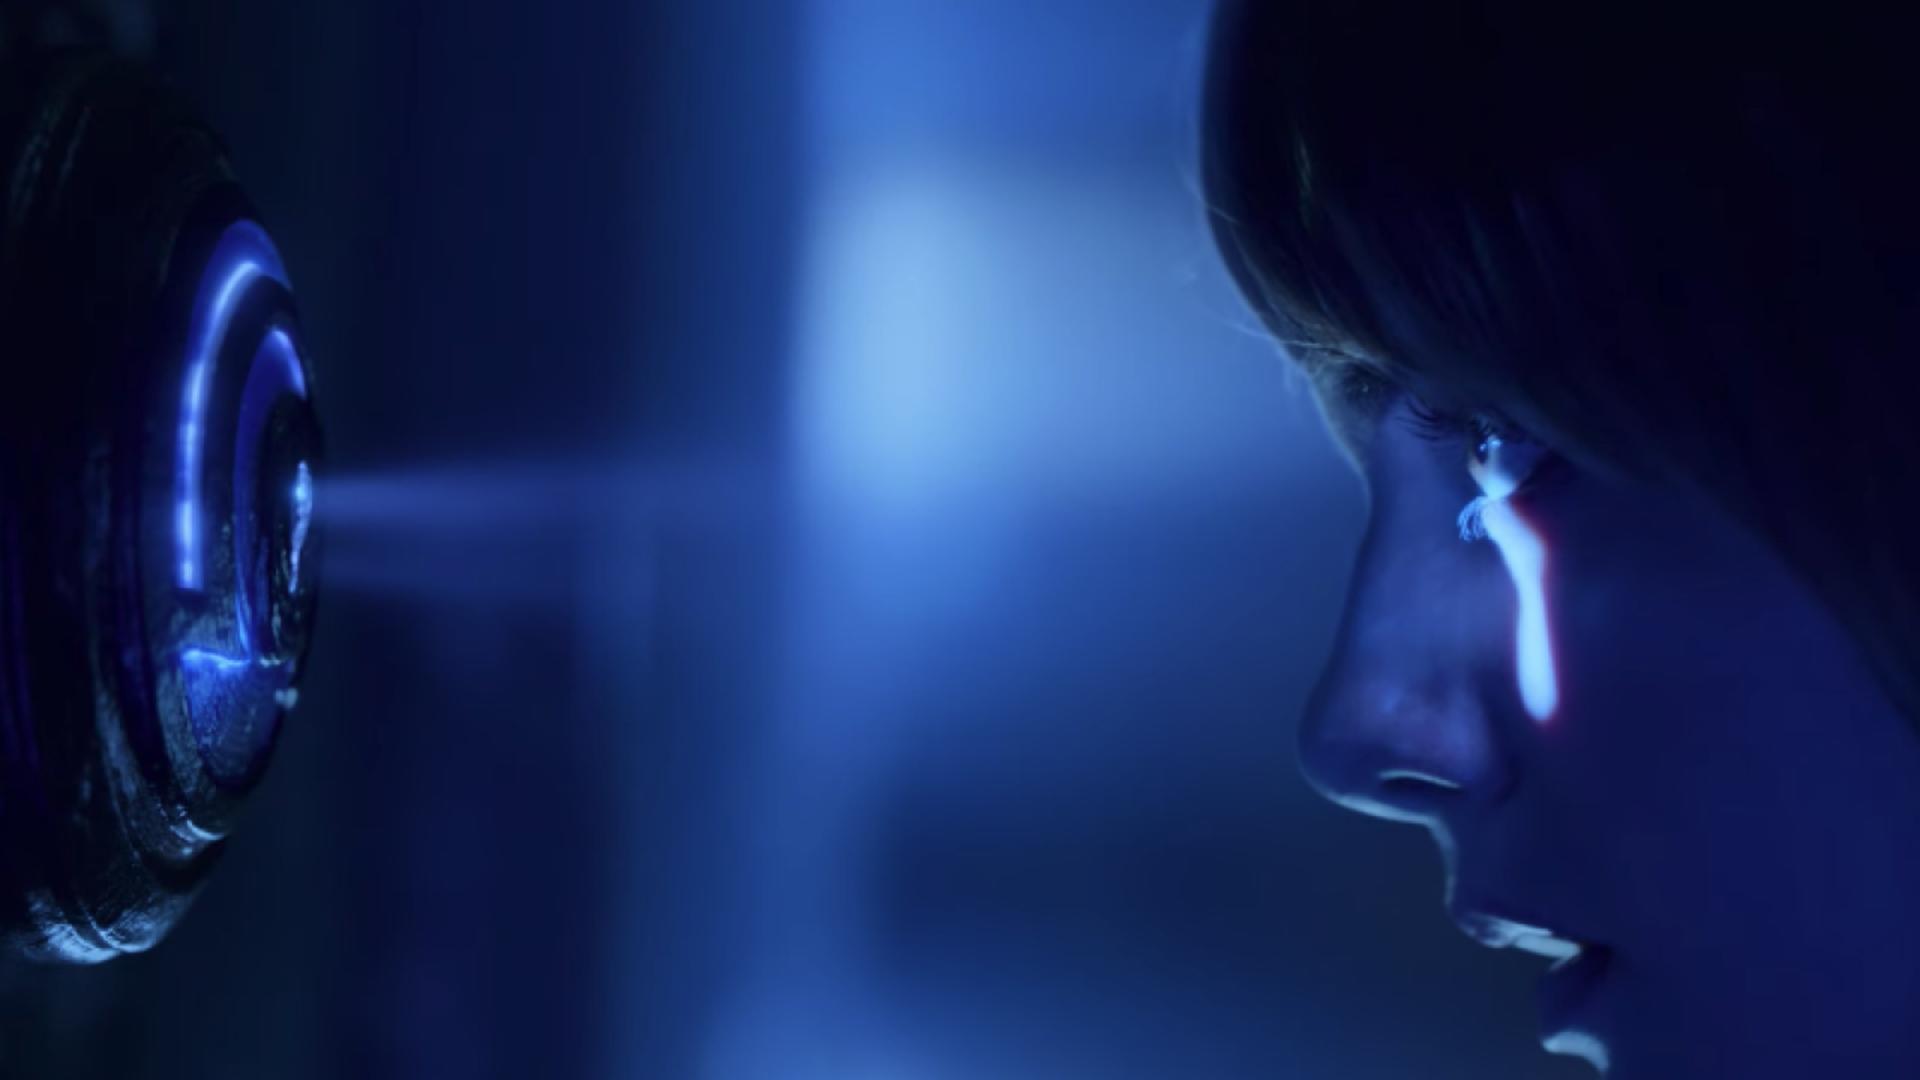 un ragazzo sta spiando dal buco di una serratura - nerdface